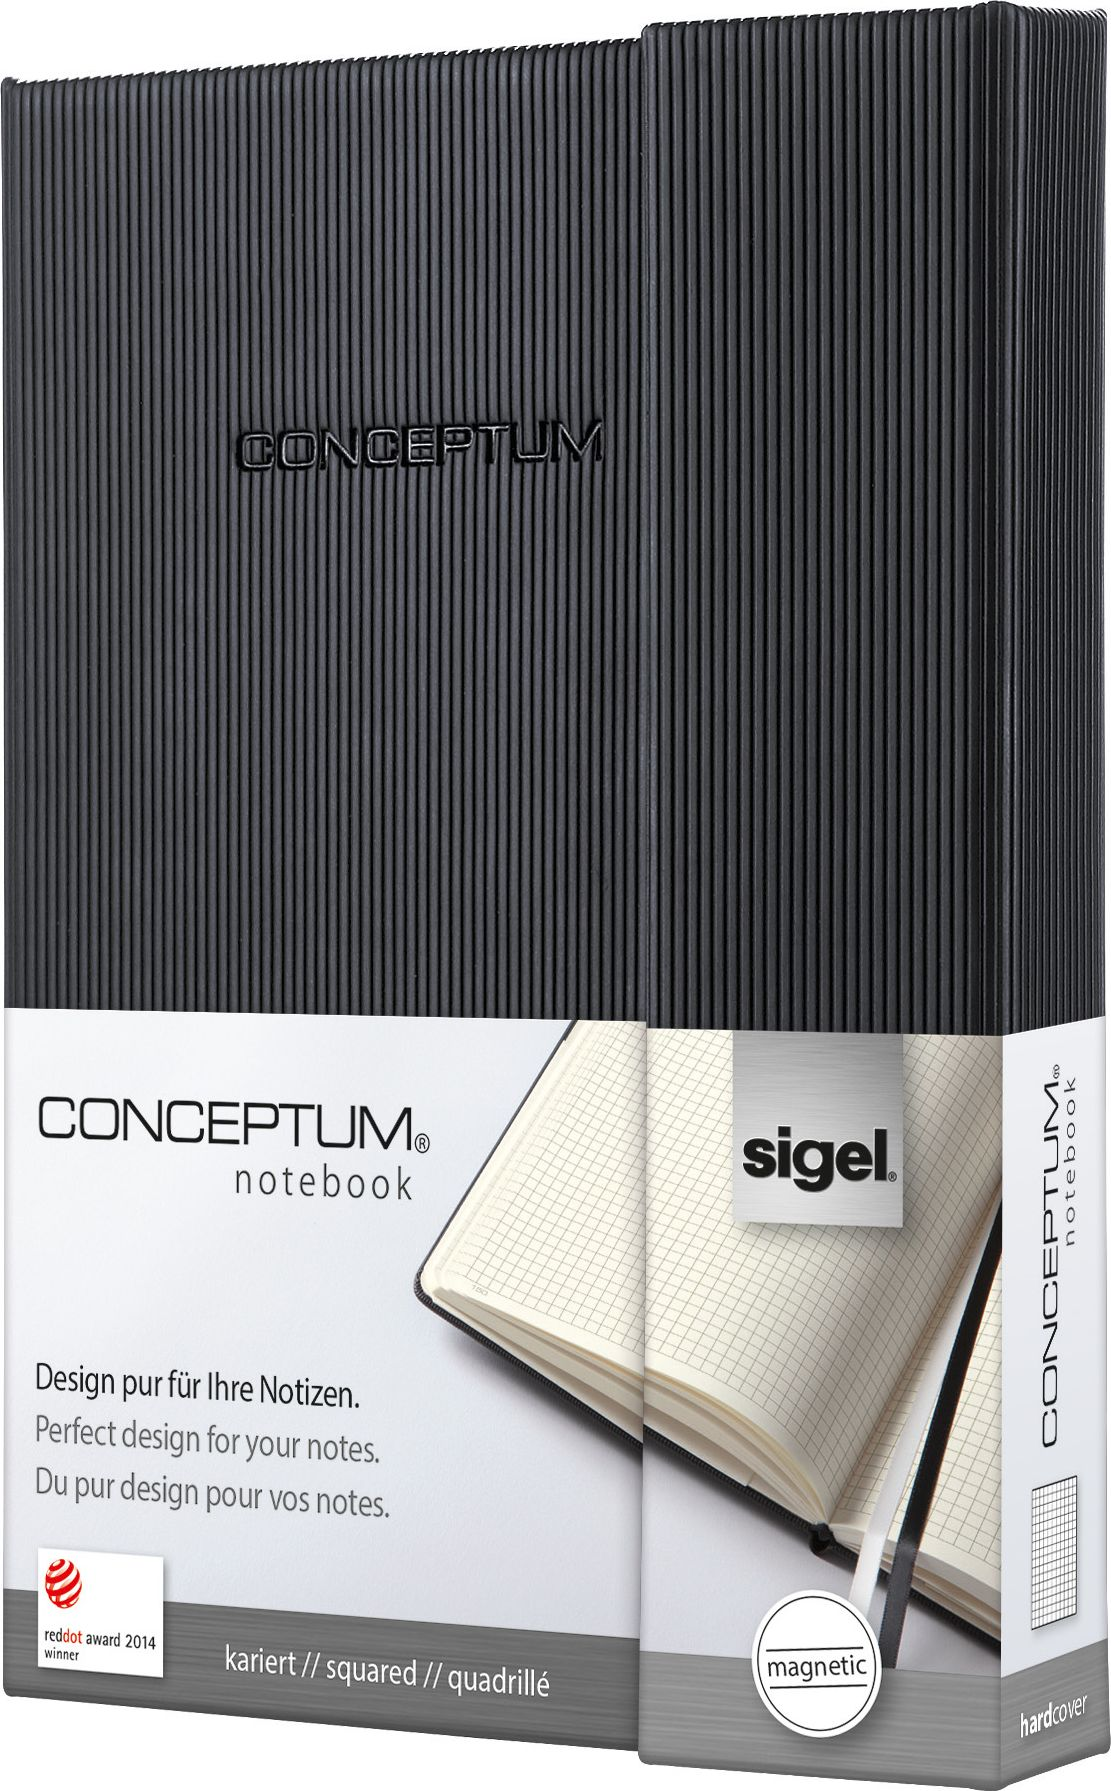 Sigel Блокнот Conceptum Hardcover 97 листов в клетку формат A6 цвет черный (магнитная застежка)